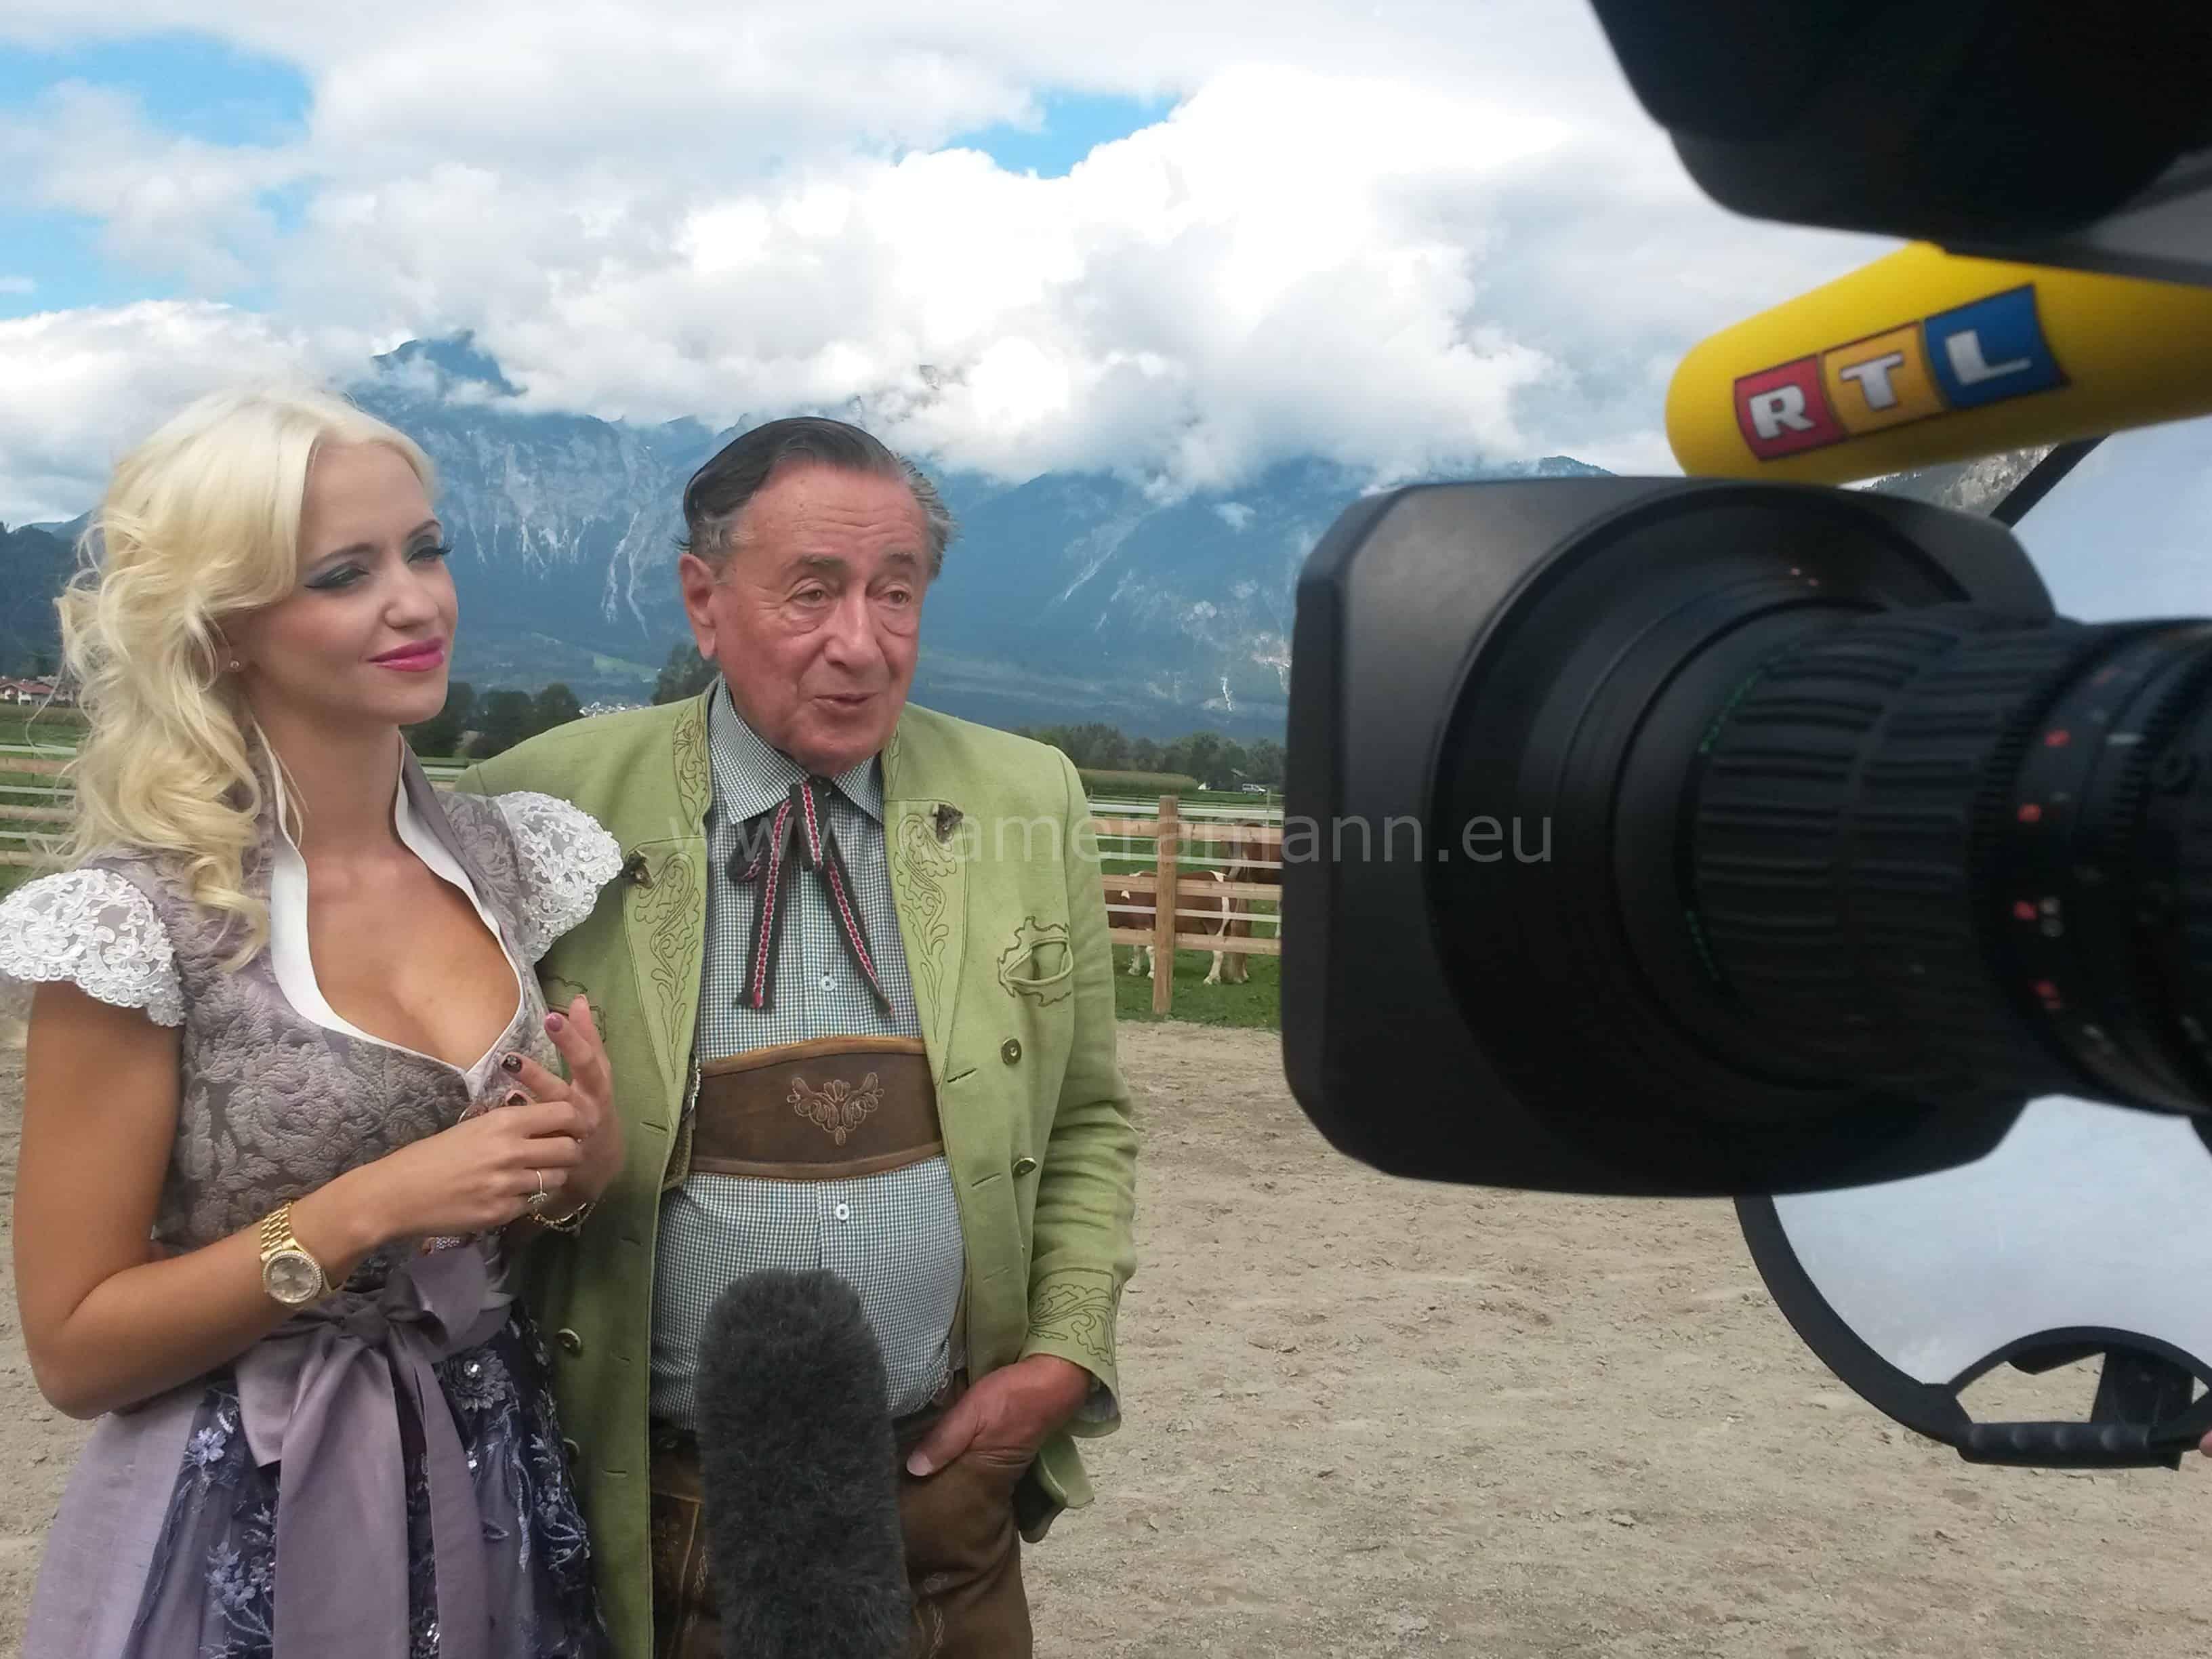 cathy und richard lugner - RTL -  Dreharbeiten mit Cathy und Richard Lugner